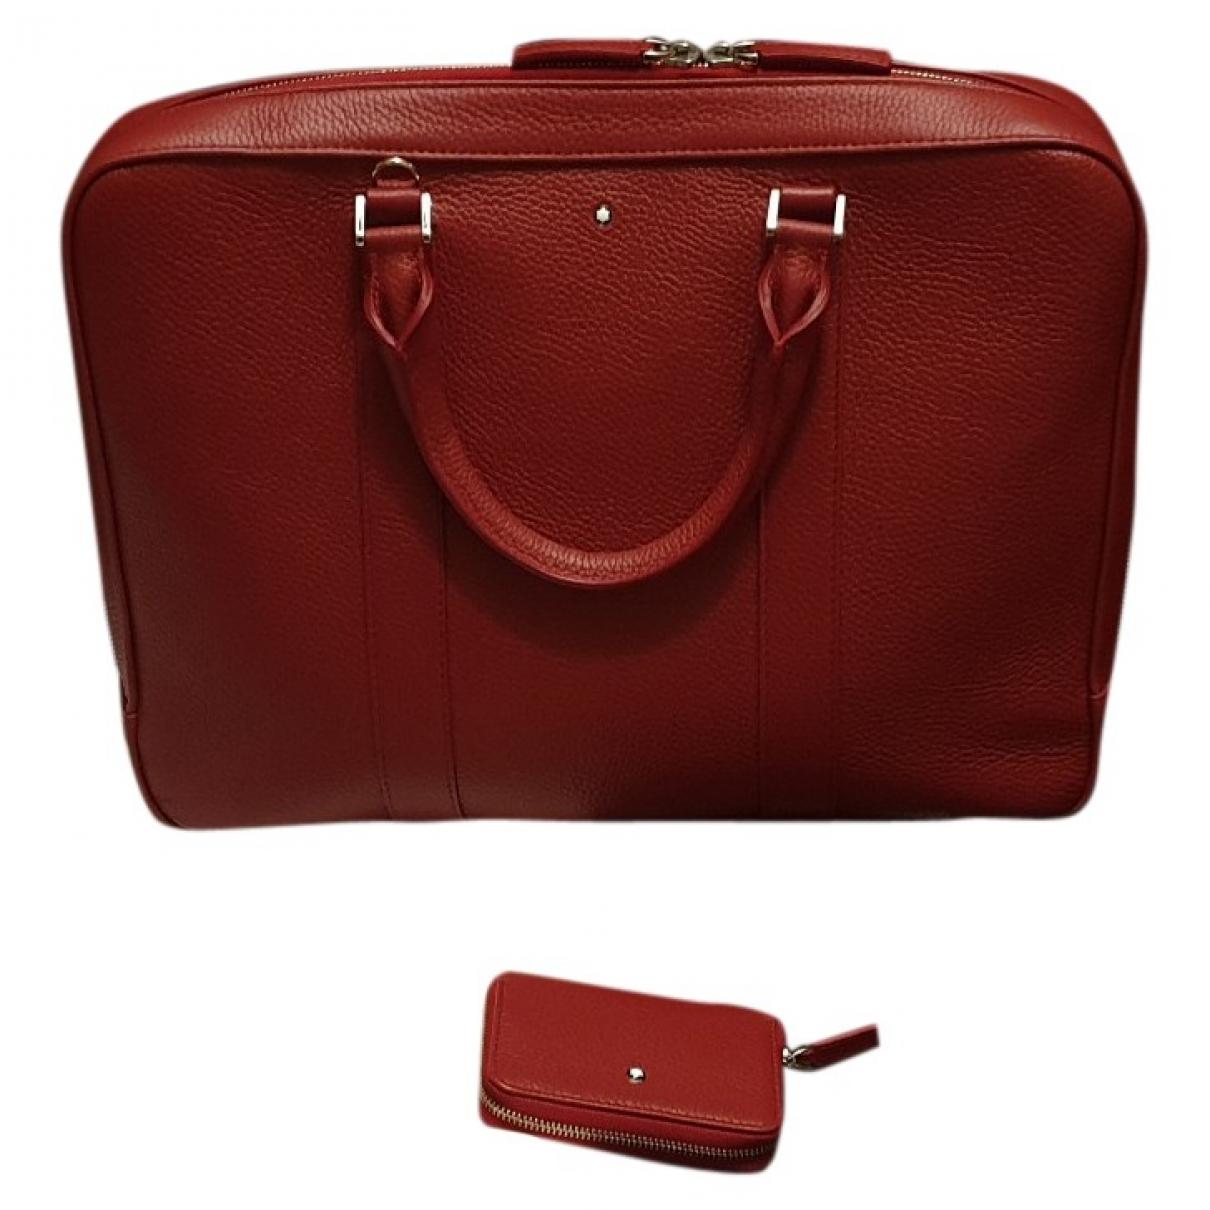 Montblanc - Sac de voyage   pour femme en cuir - rouge